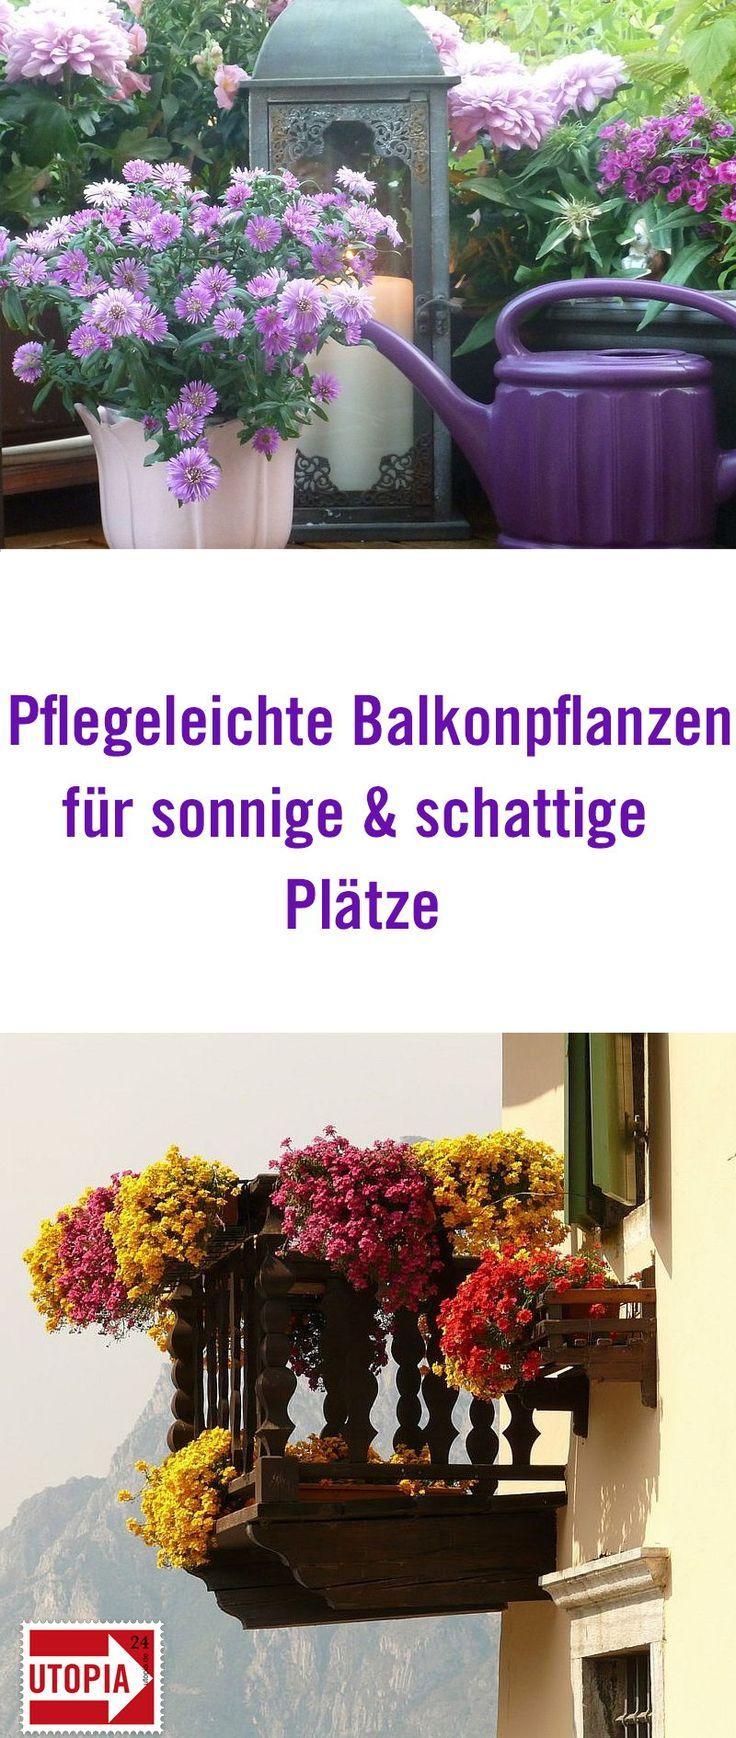 Balkonpflanzen Pflegeleichte Sorten für sonnige und